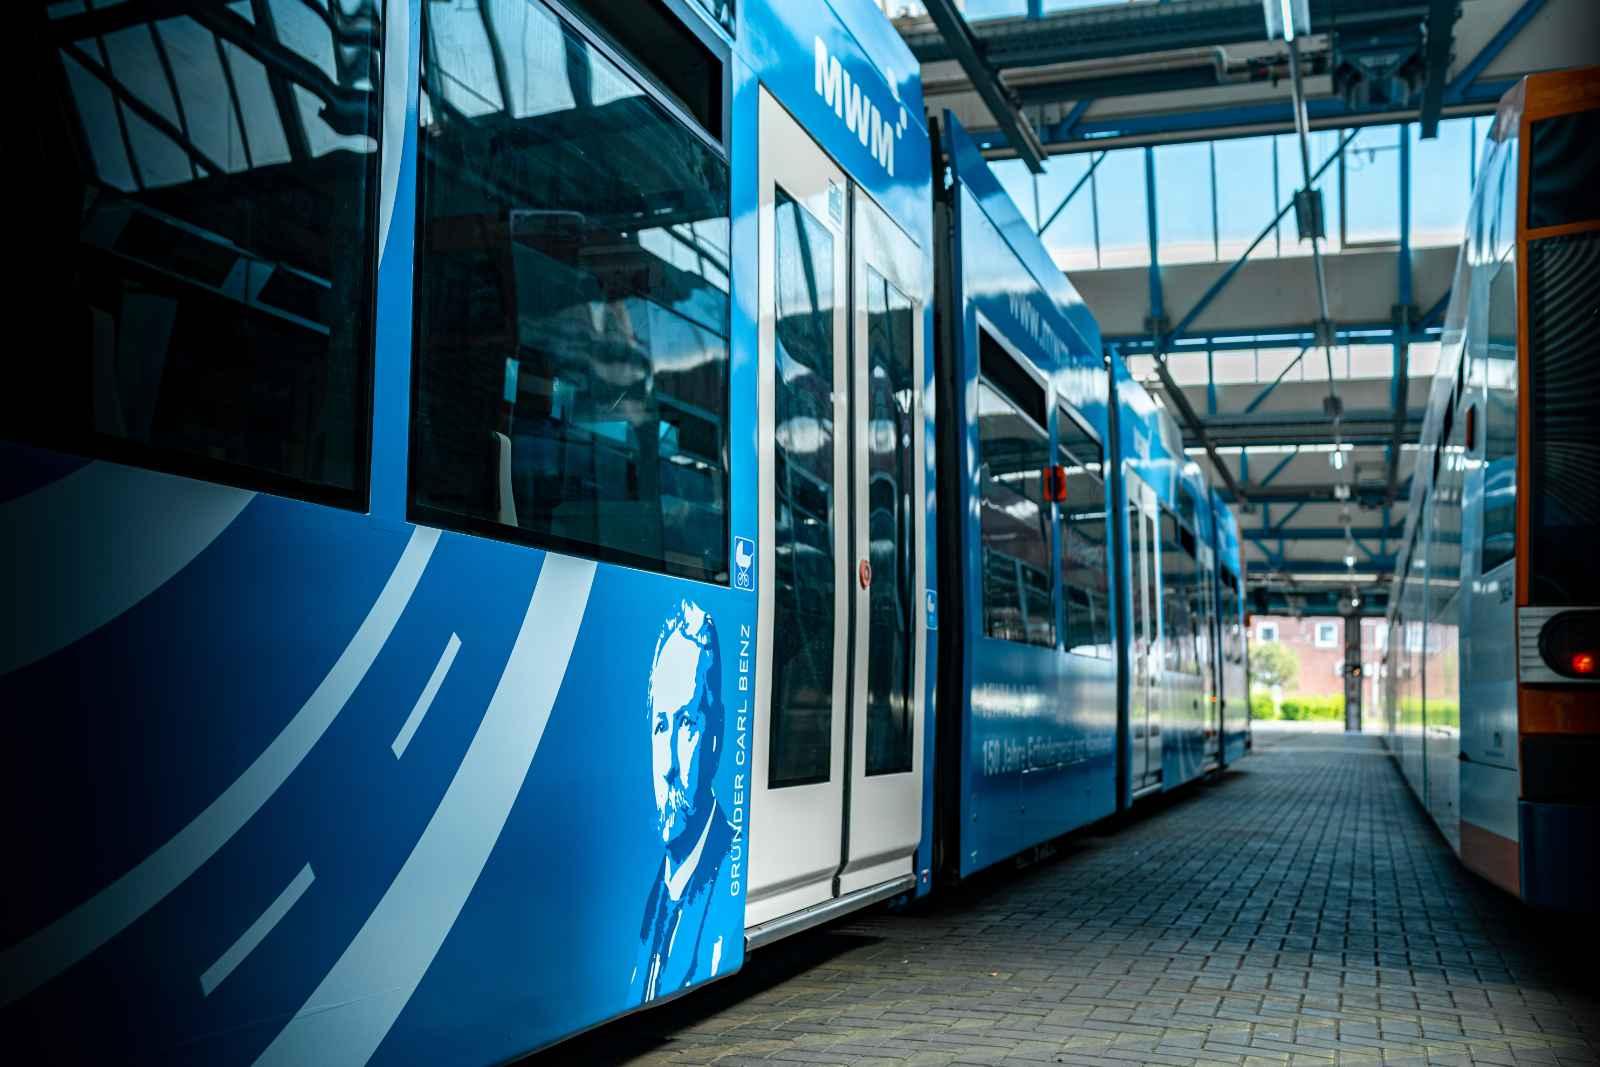 Straßenbahn im blauen MWM-Design